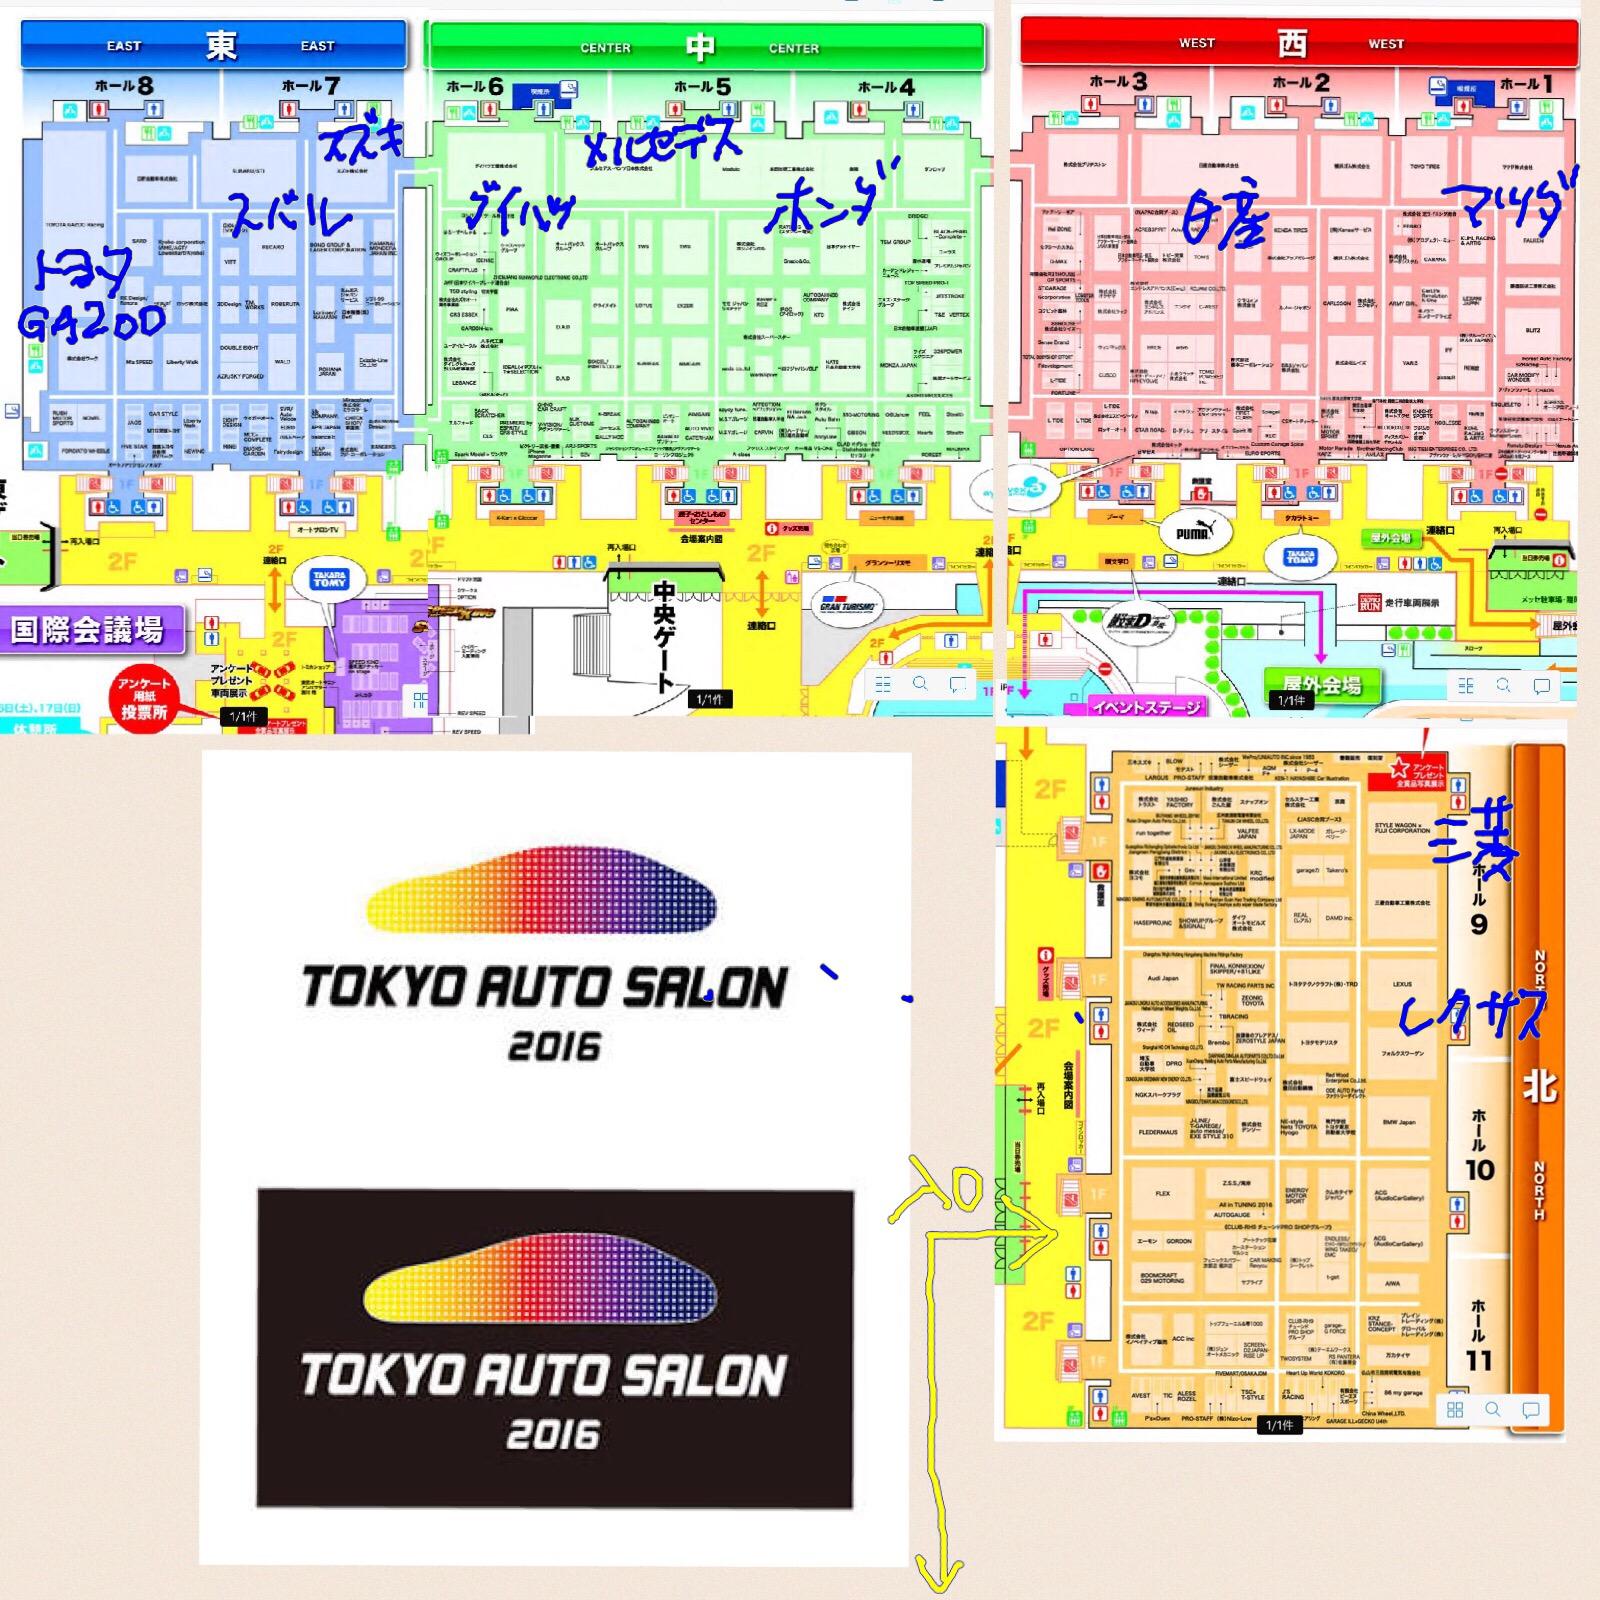 東京オートサロン2016 幕張メッセ